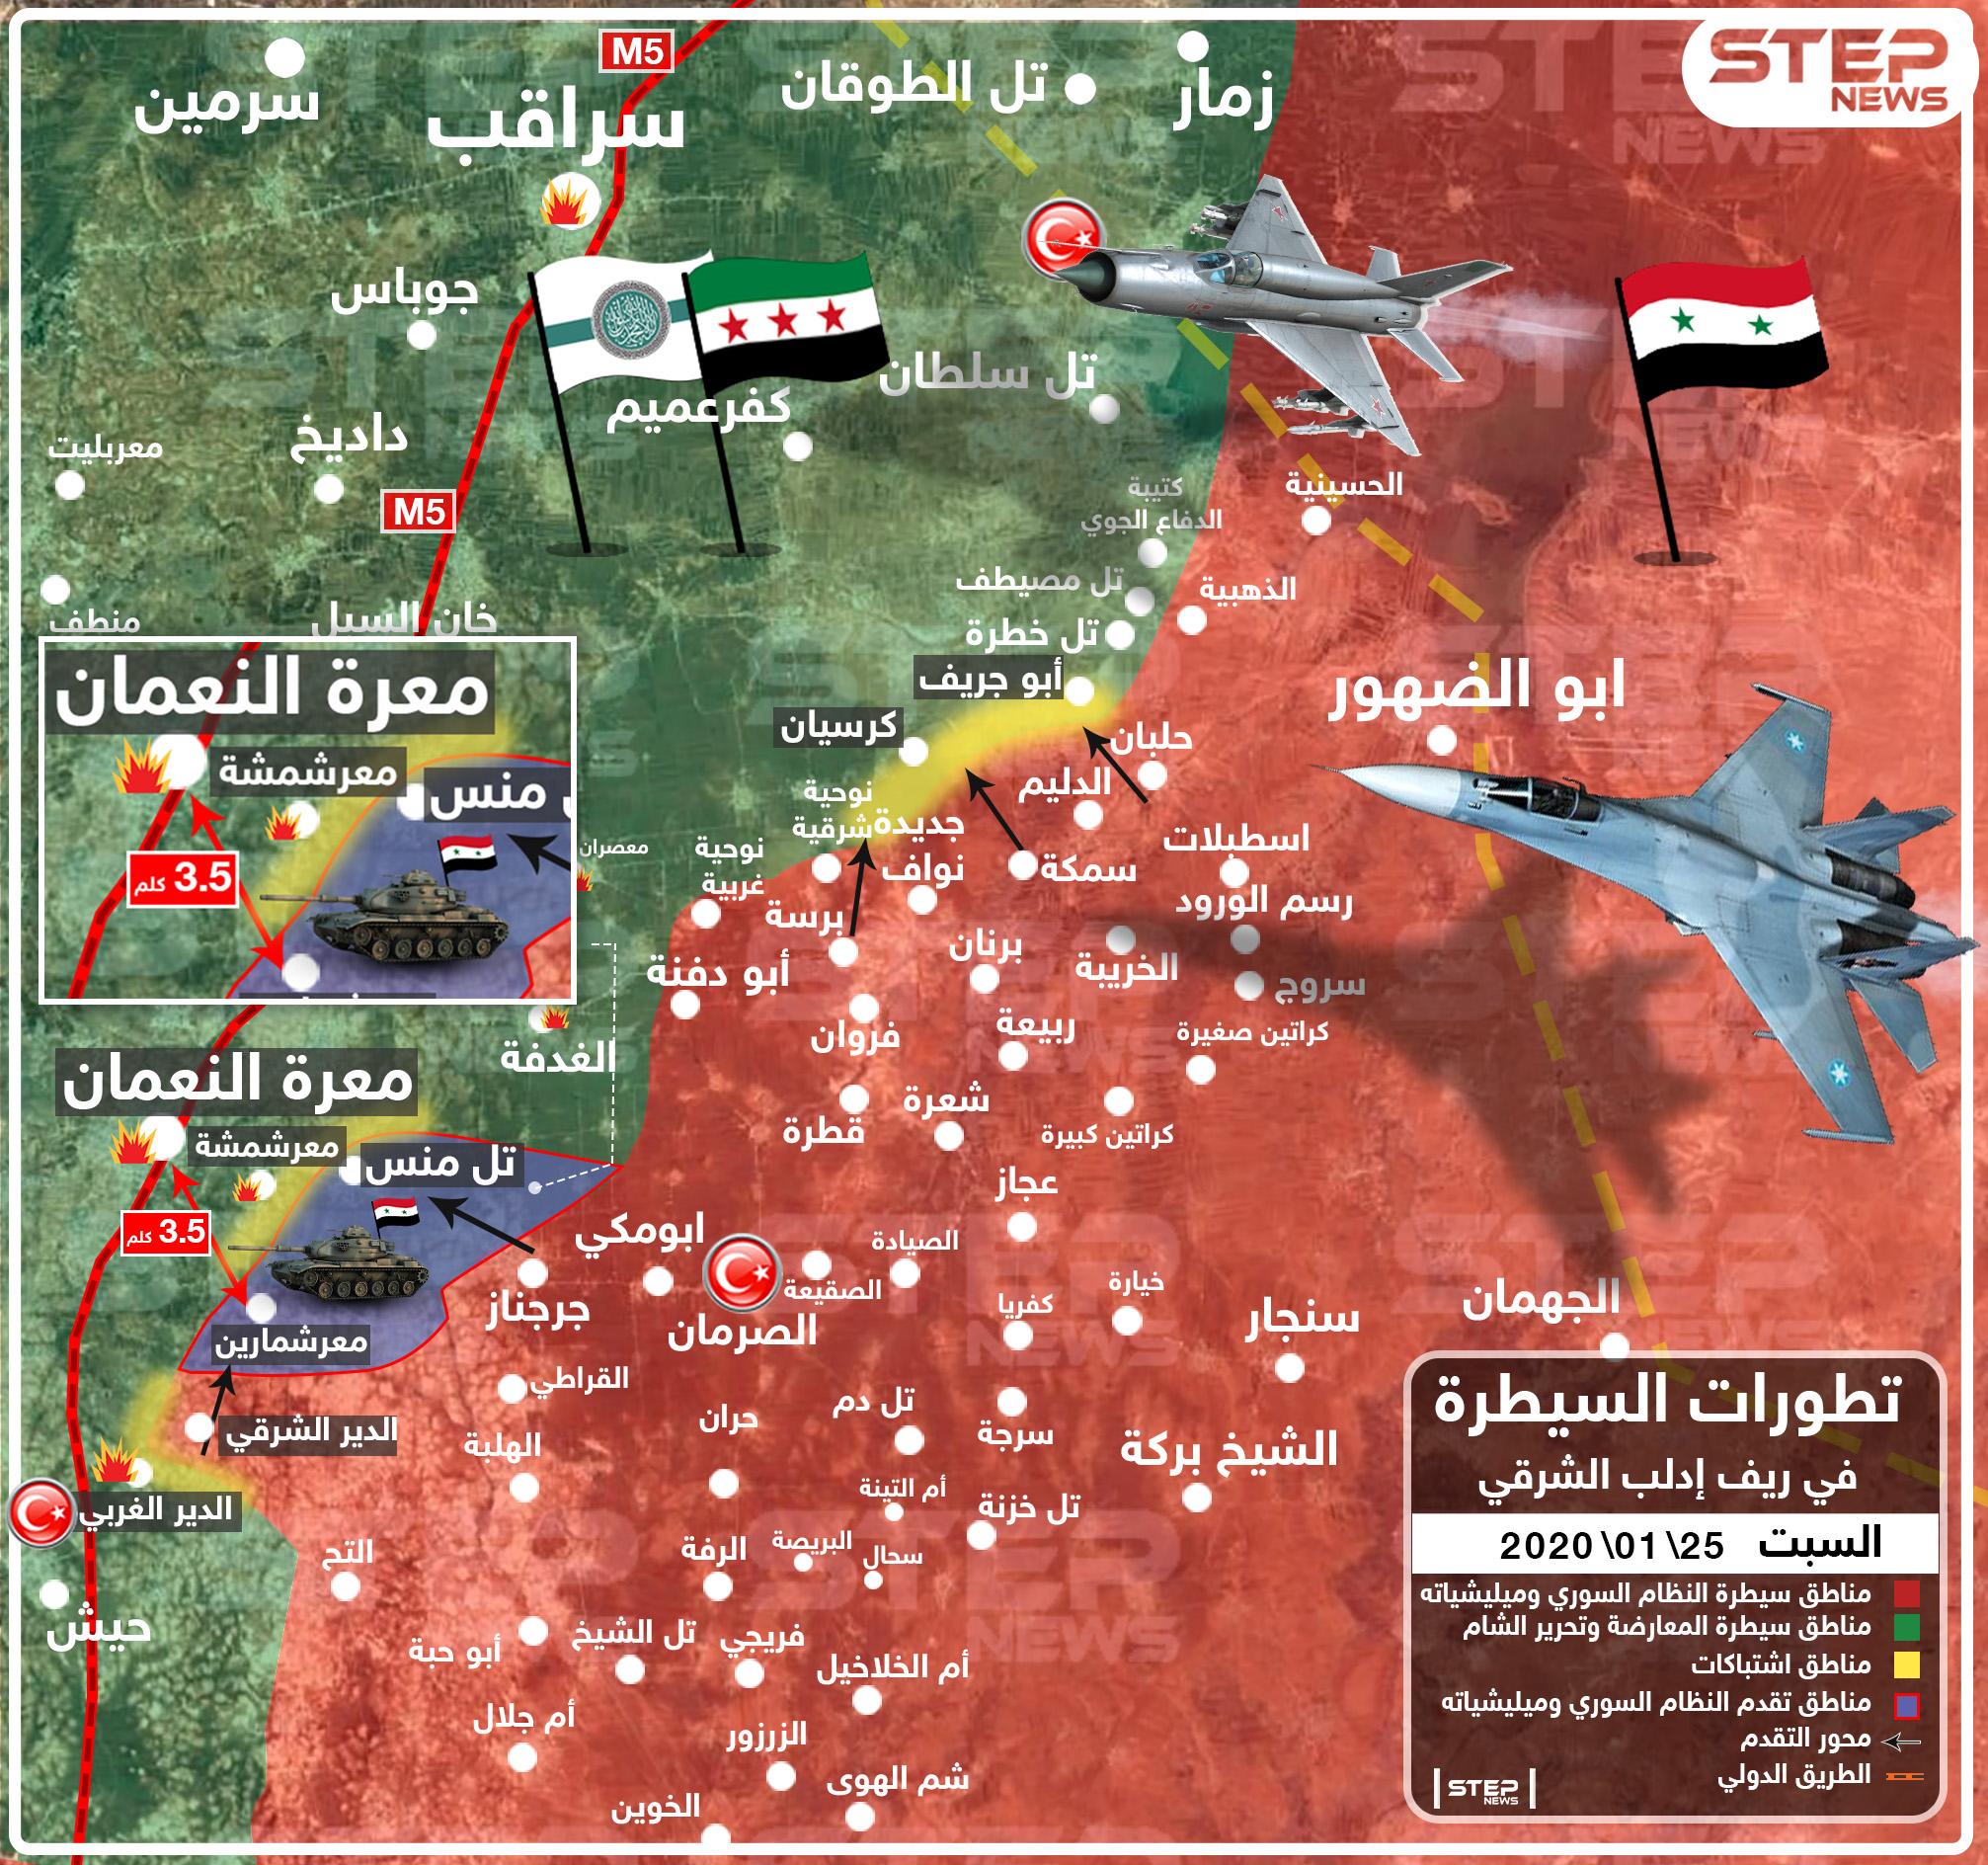 بالخريطة|| بلدة استراتيجية تسقط بيد النظام السوري شرق إدلب.. ومطار حماة يوقف عملياته الجوية